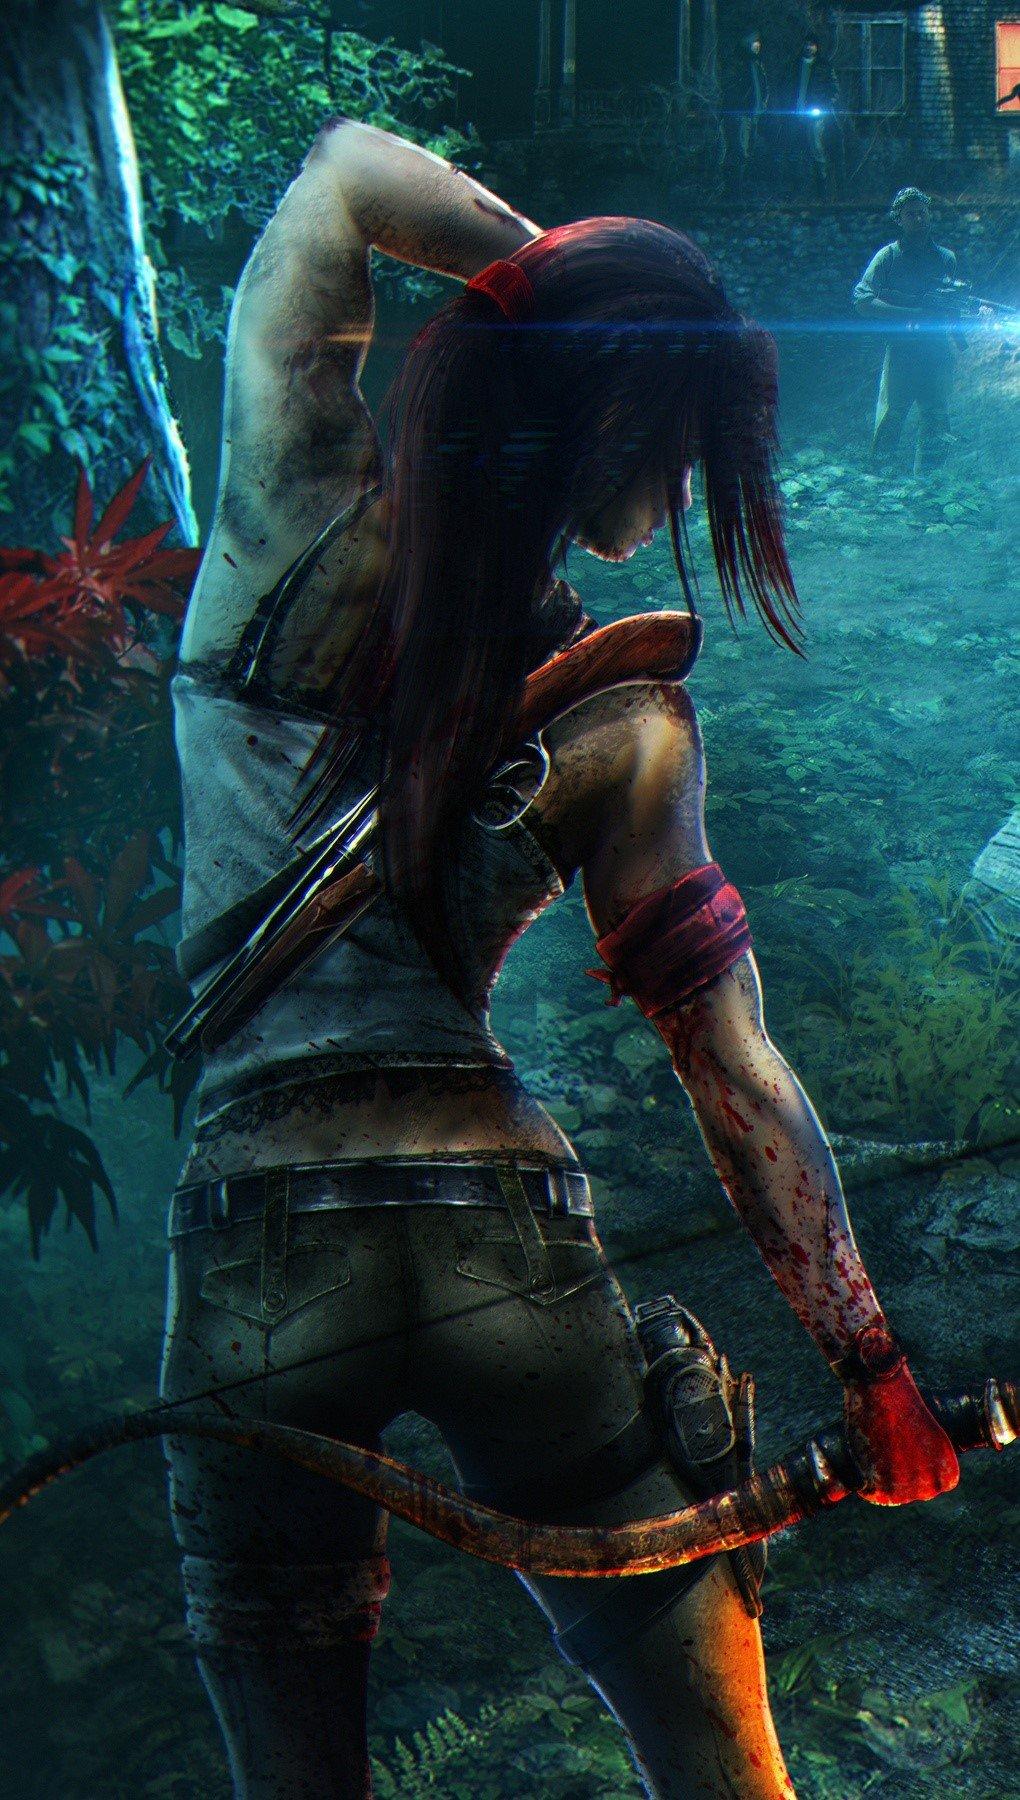 Fondos de pantalla Tomb Raider Quest Vertical